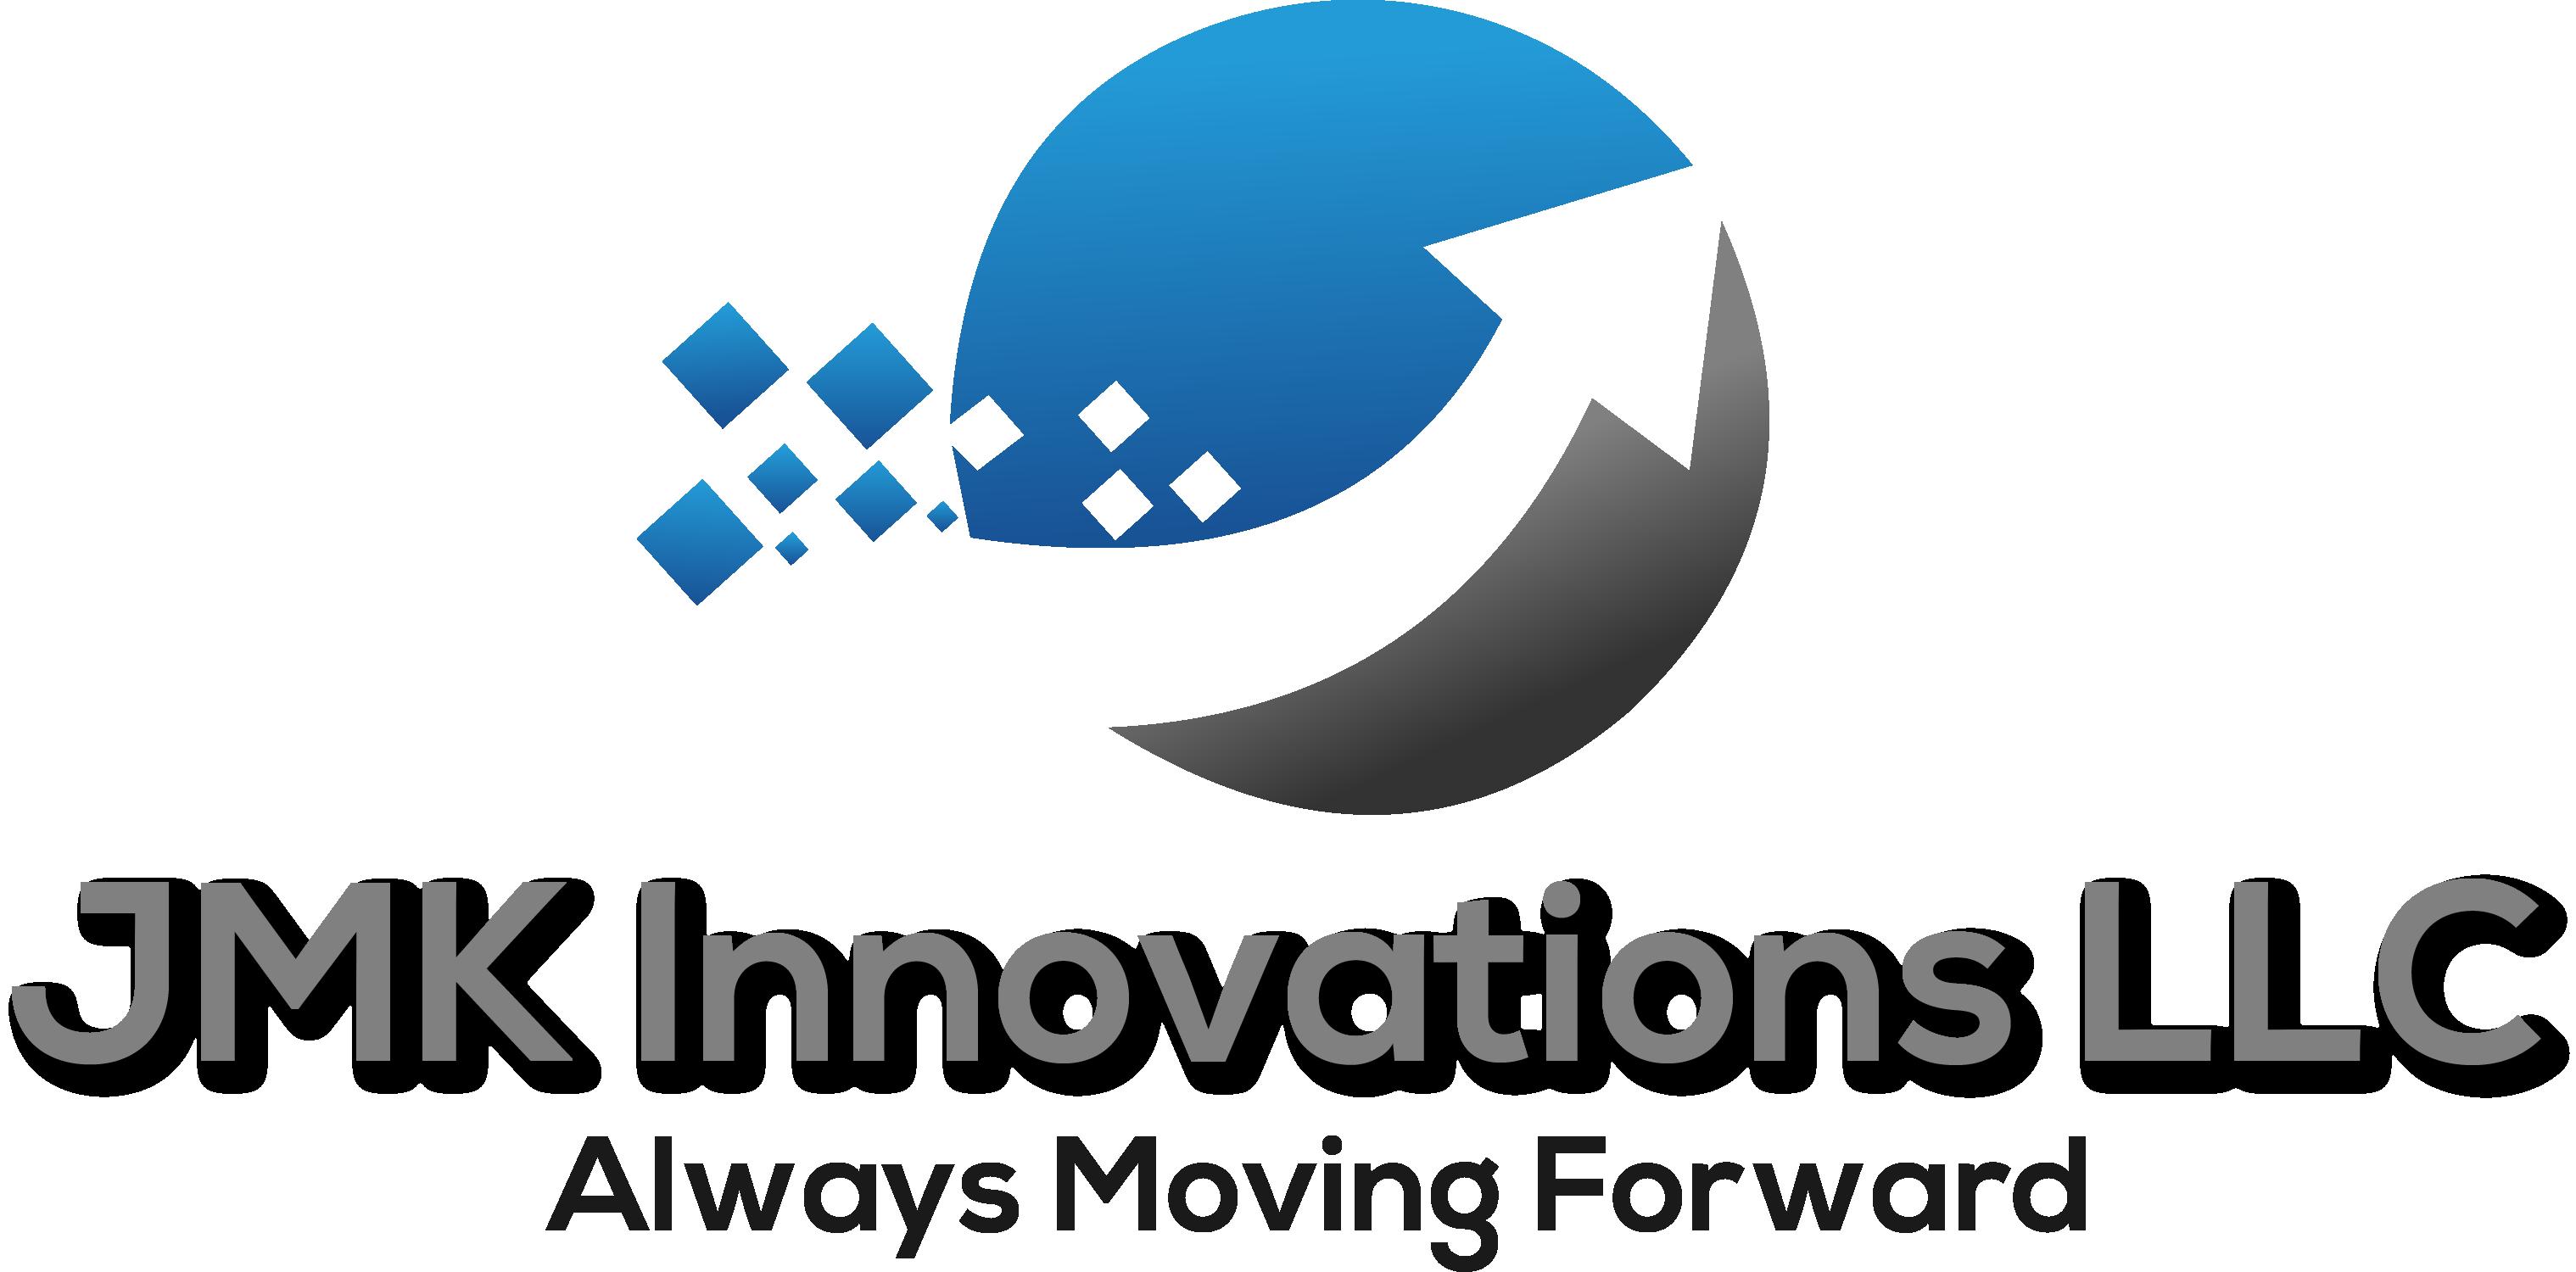 JMK Innovations